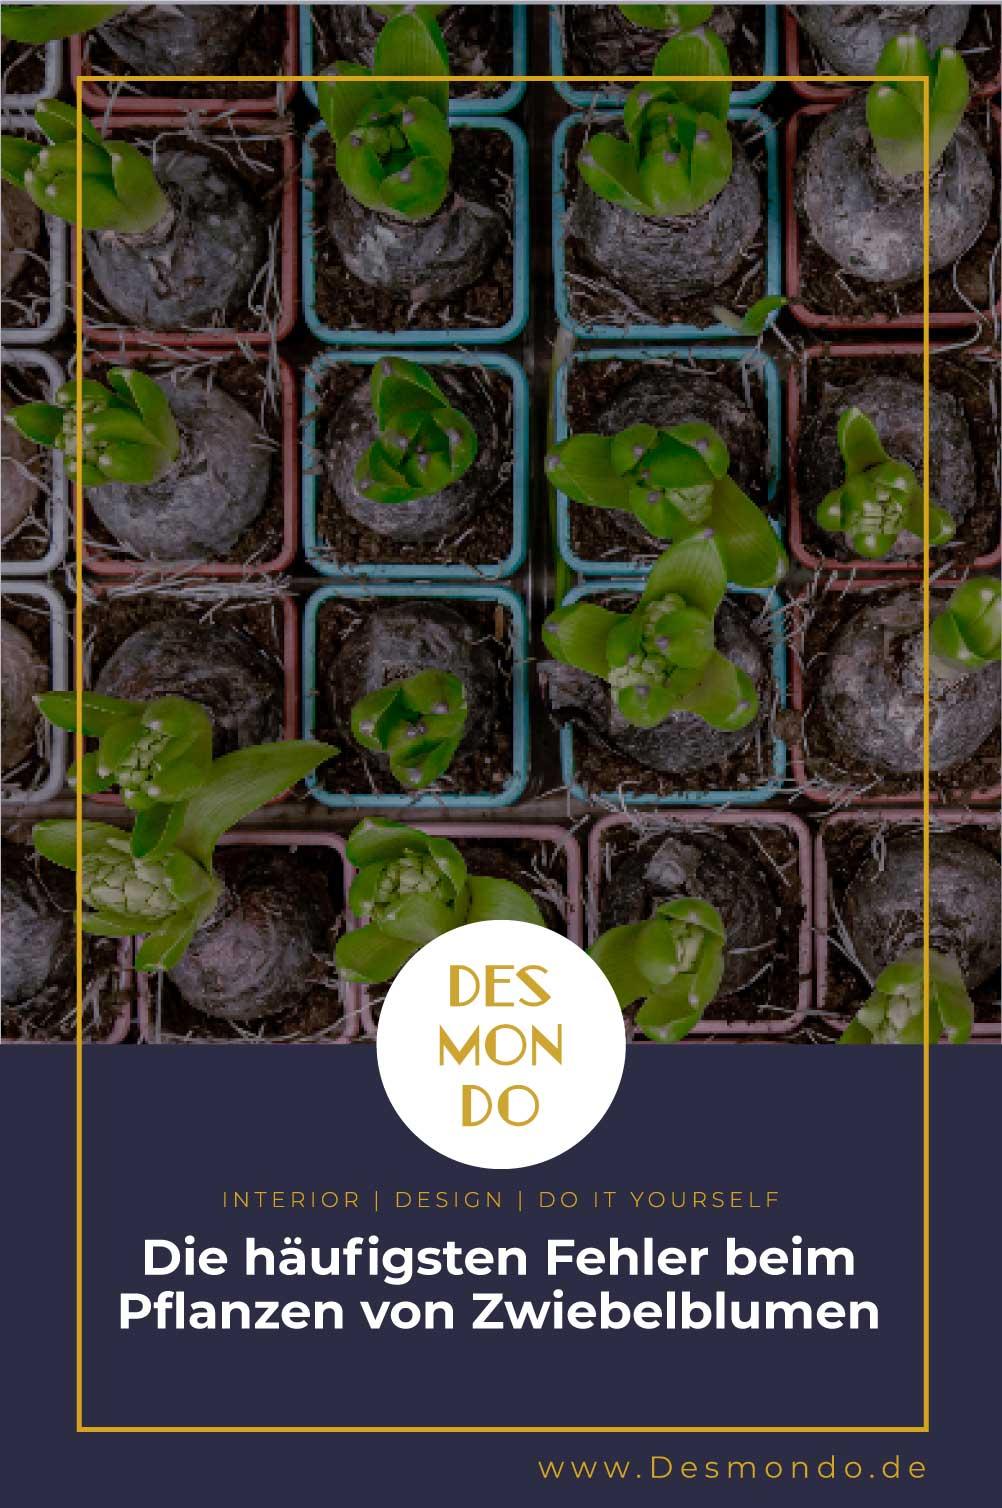 Outdoor - Inspirationen für Balkon und Garten - Die häufigsten Fehler beim Pflanzen von Zwiebelblumen- So geht's einfach desmondo dein online Magazin und Shop